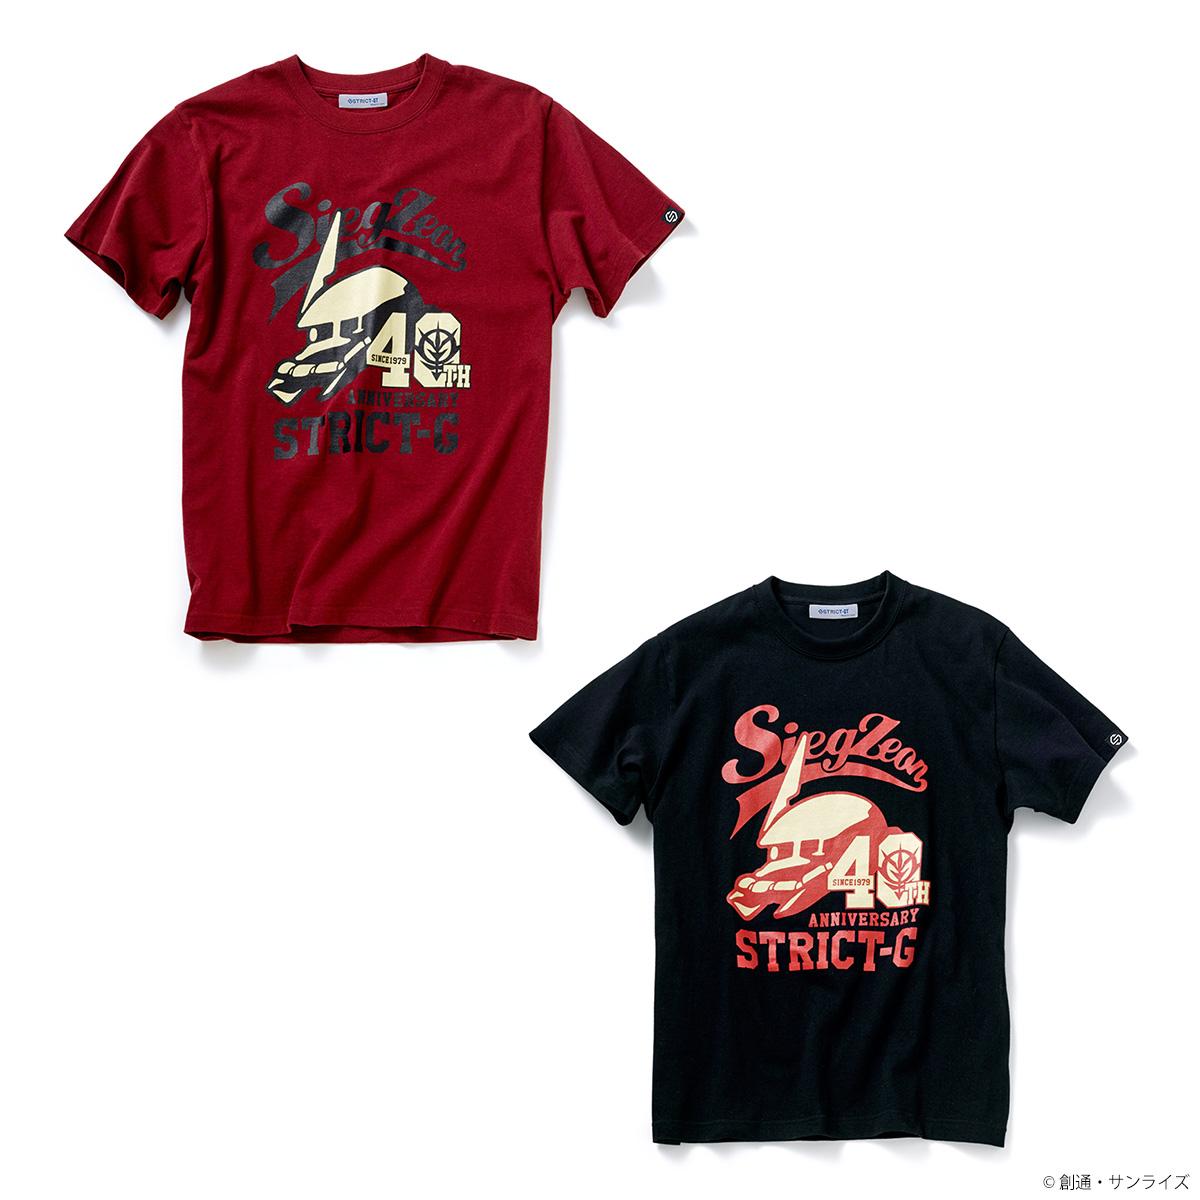 『機動戦士ガンダム』40周年記念Tシャツ シャア専用ザクII